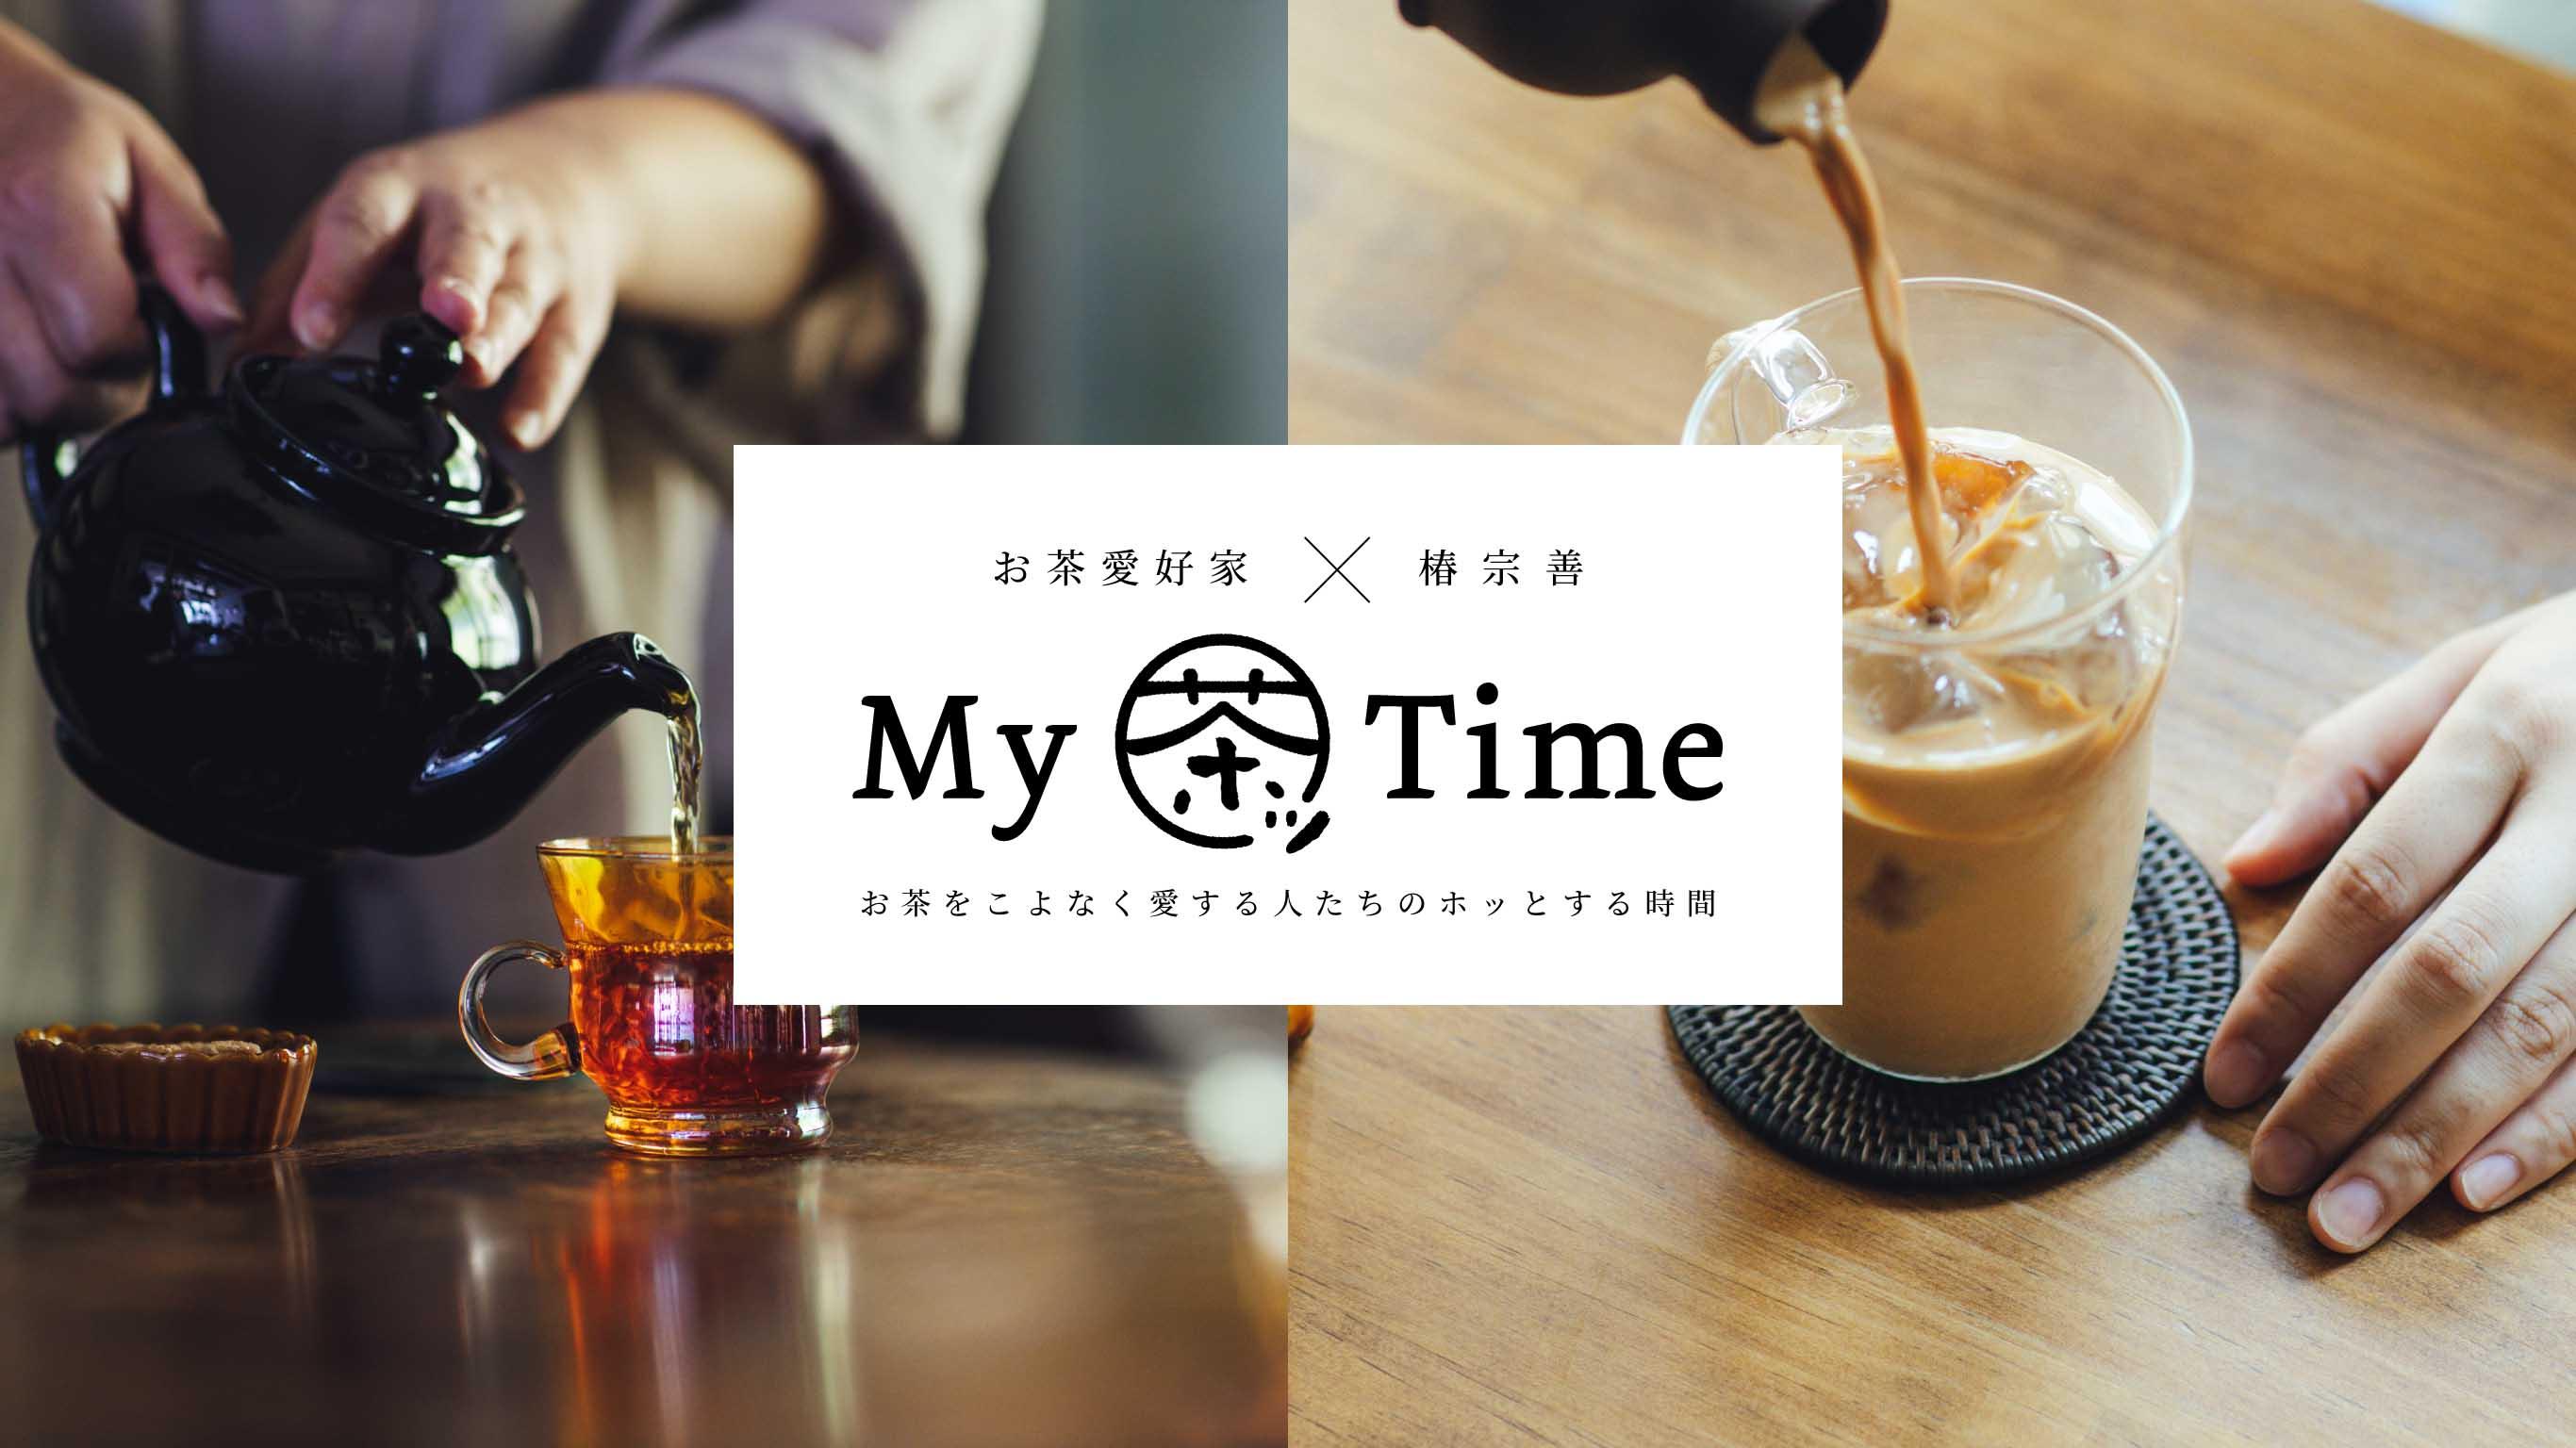 お茶愛好家×椿宗善 My茶ッTime お茶をこよなく愛する人たちのホッとする時間